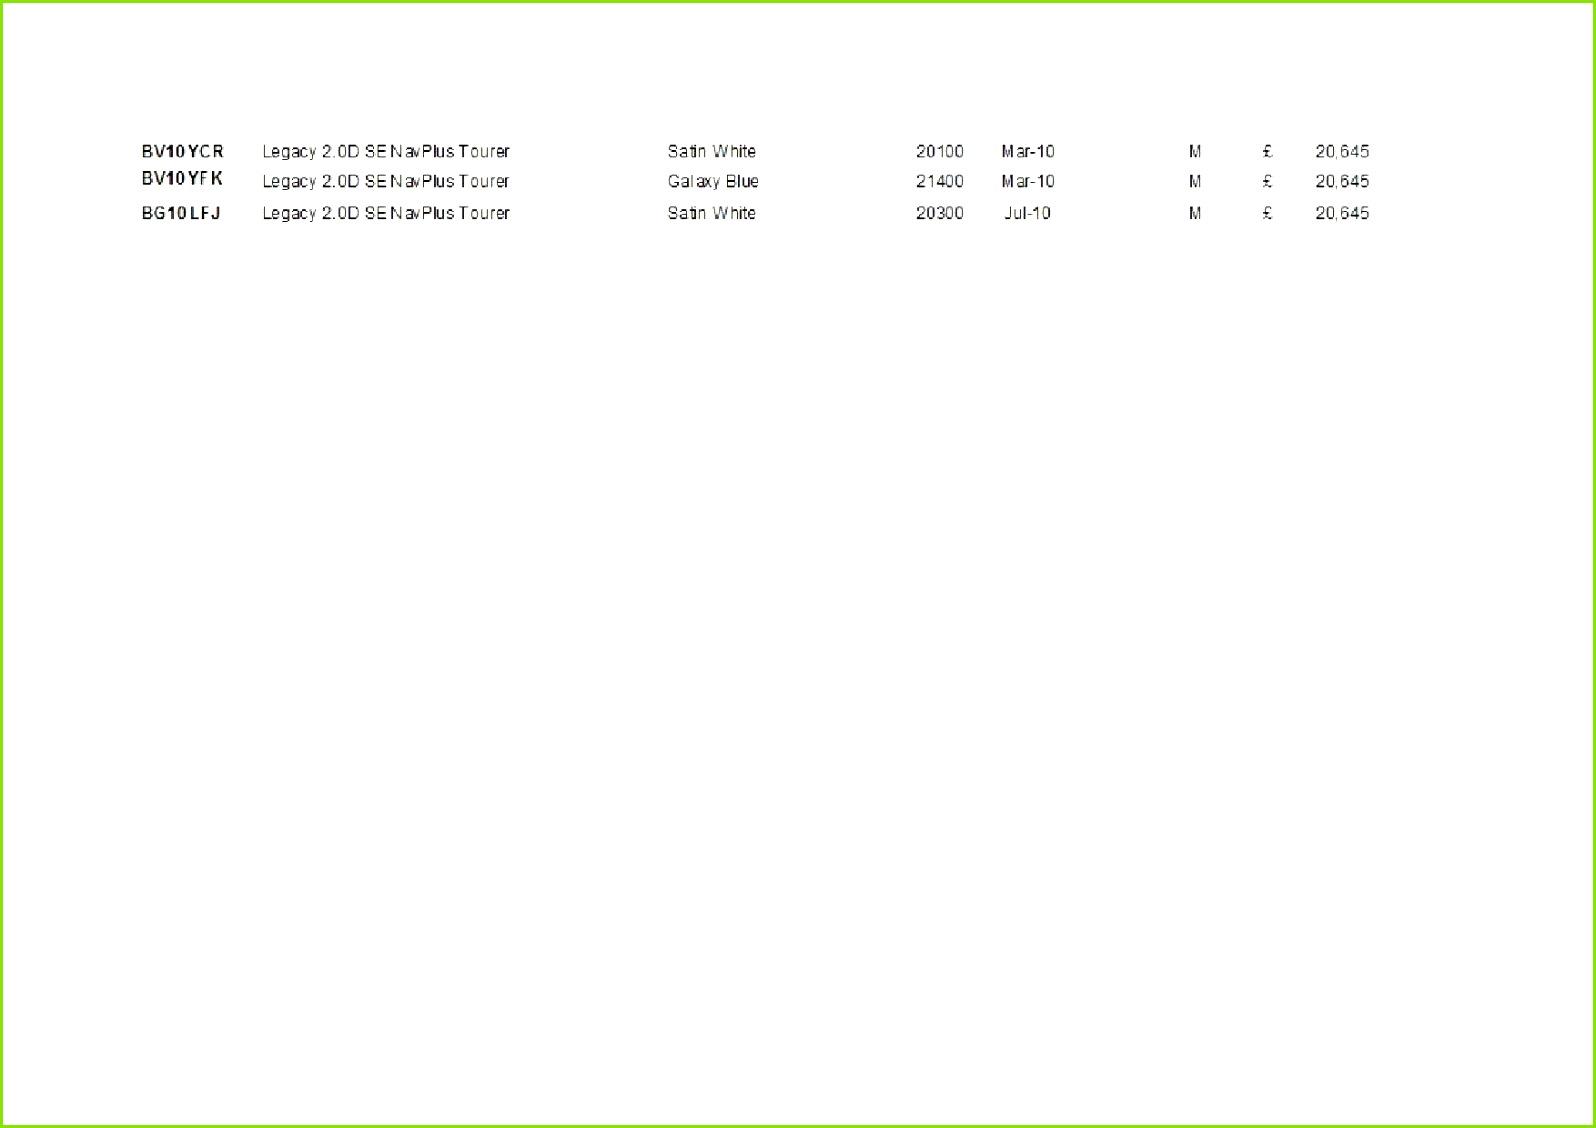 Aktuelle Excel Version Für Veranstaltung Planen Checkliste Excel Neueste Modelle Controlling